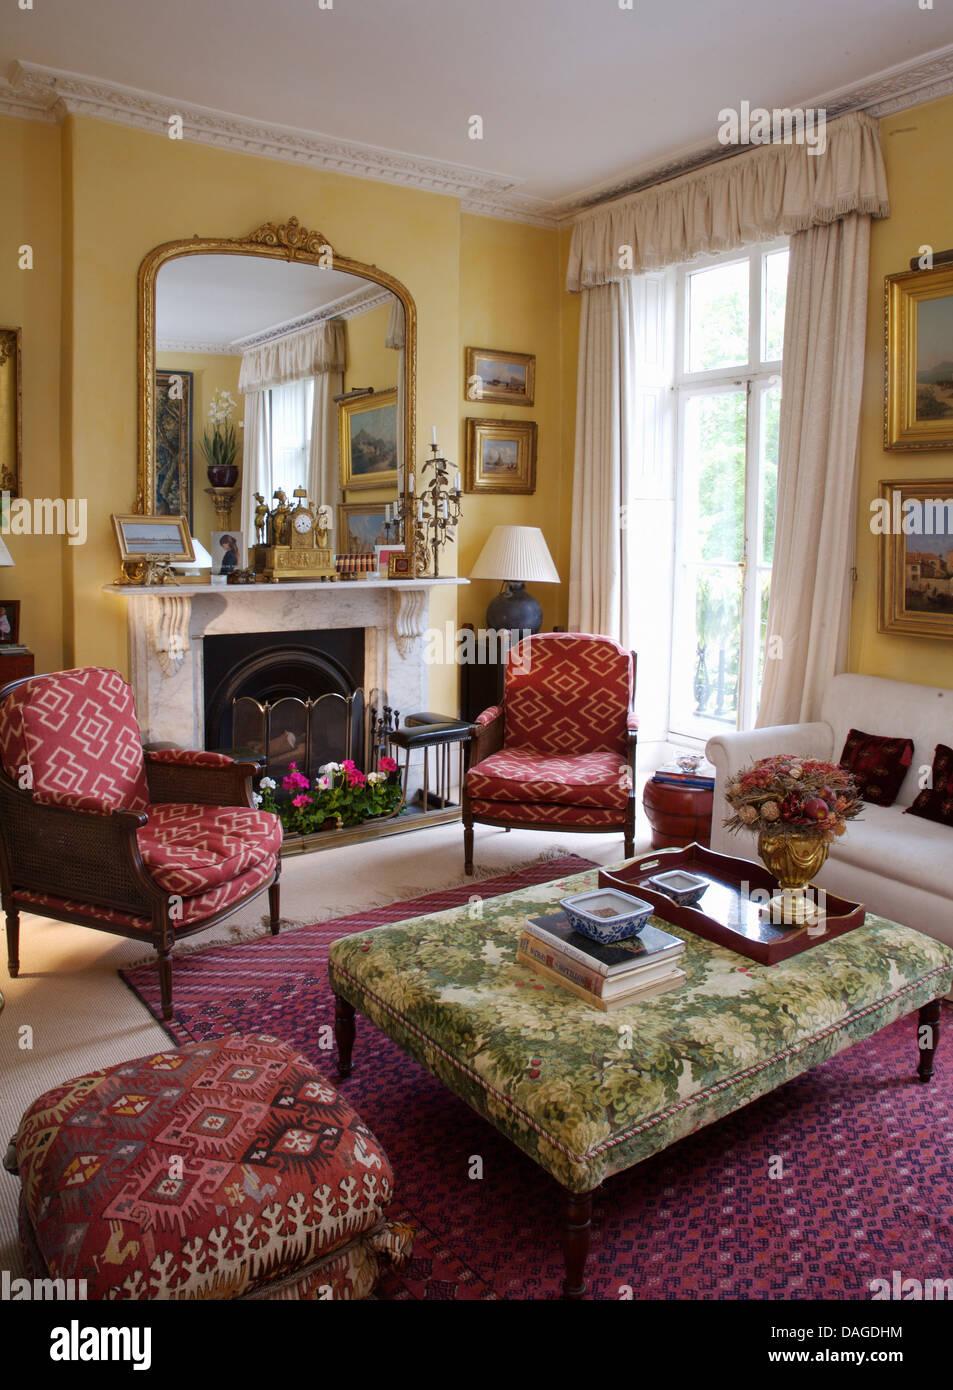 Gepolsterte Stühle mit Grün gepolsterten osmanischen und roten ...